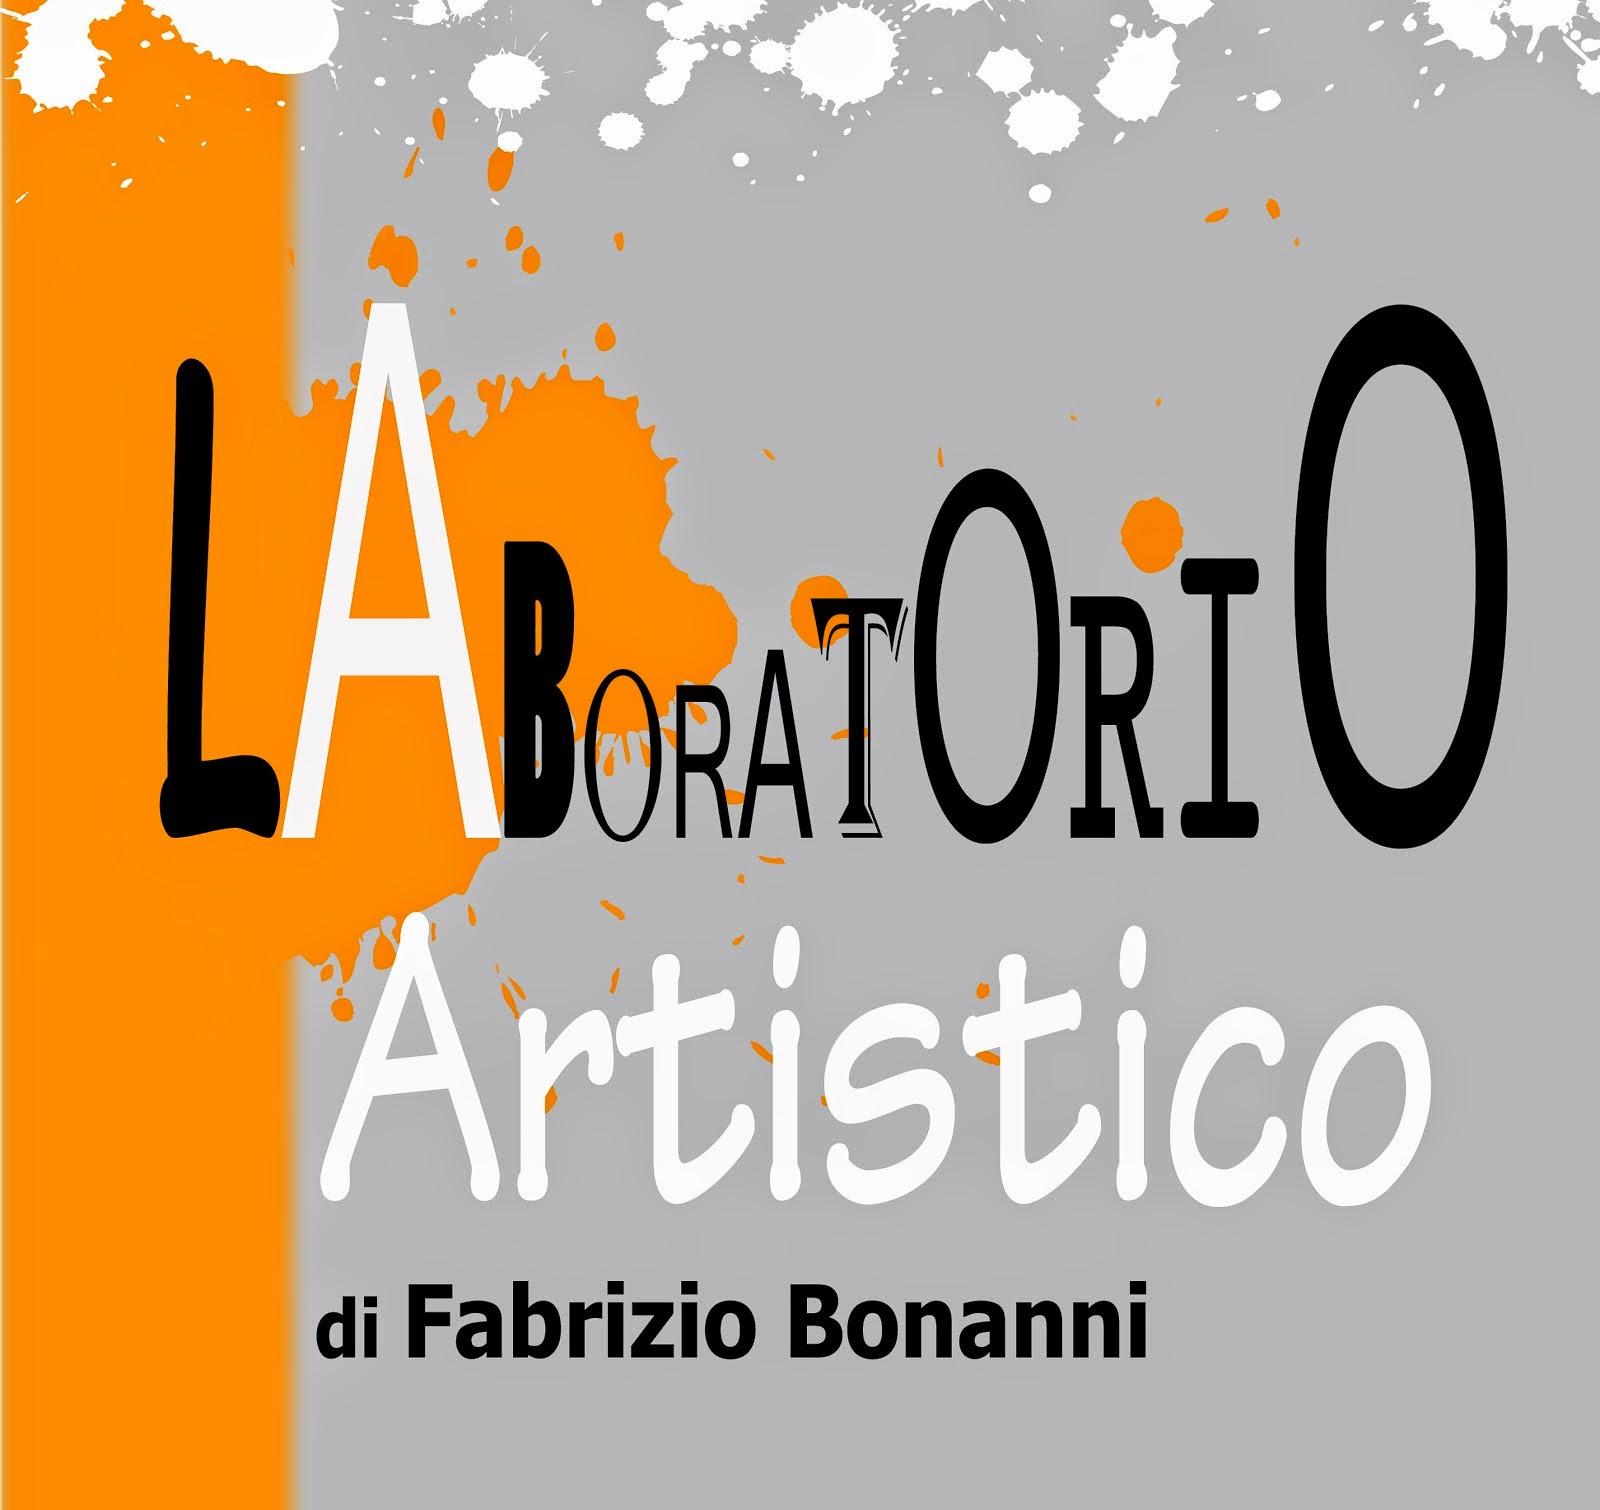 Laboratorio Artistico di Fabrizio Bonanni